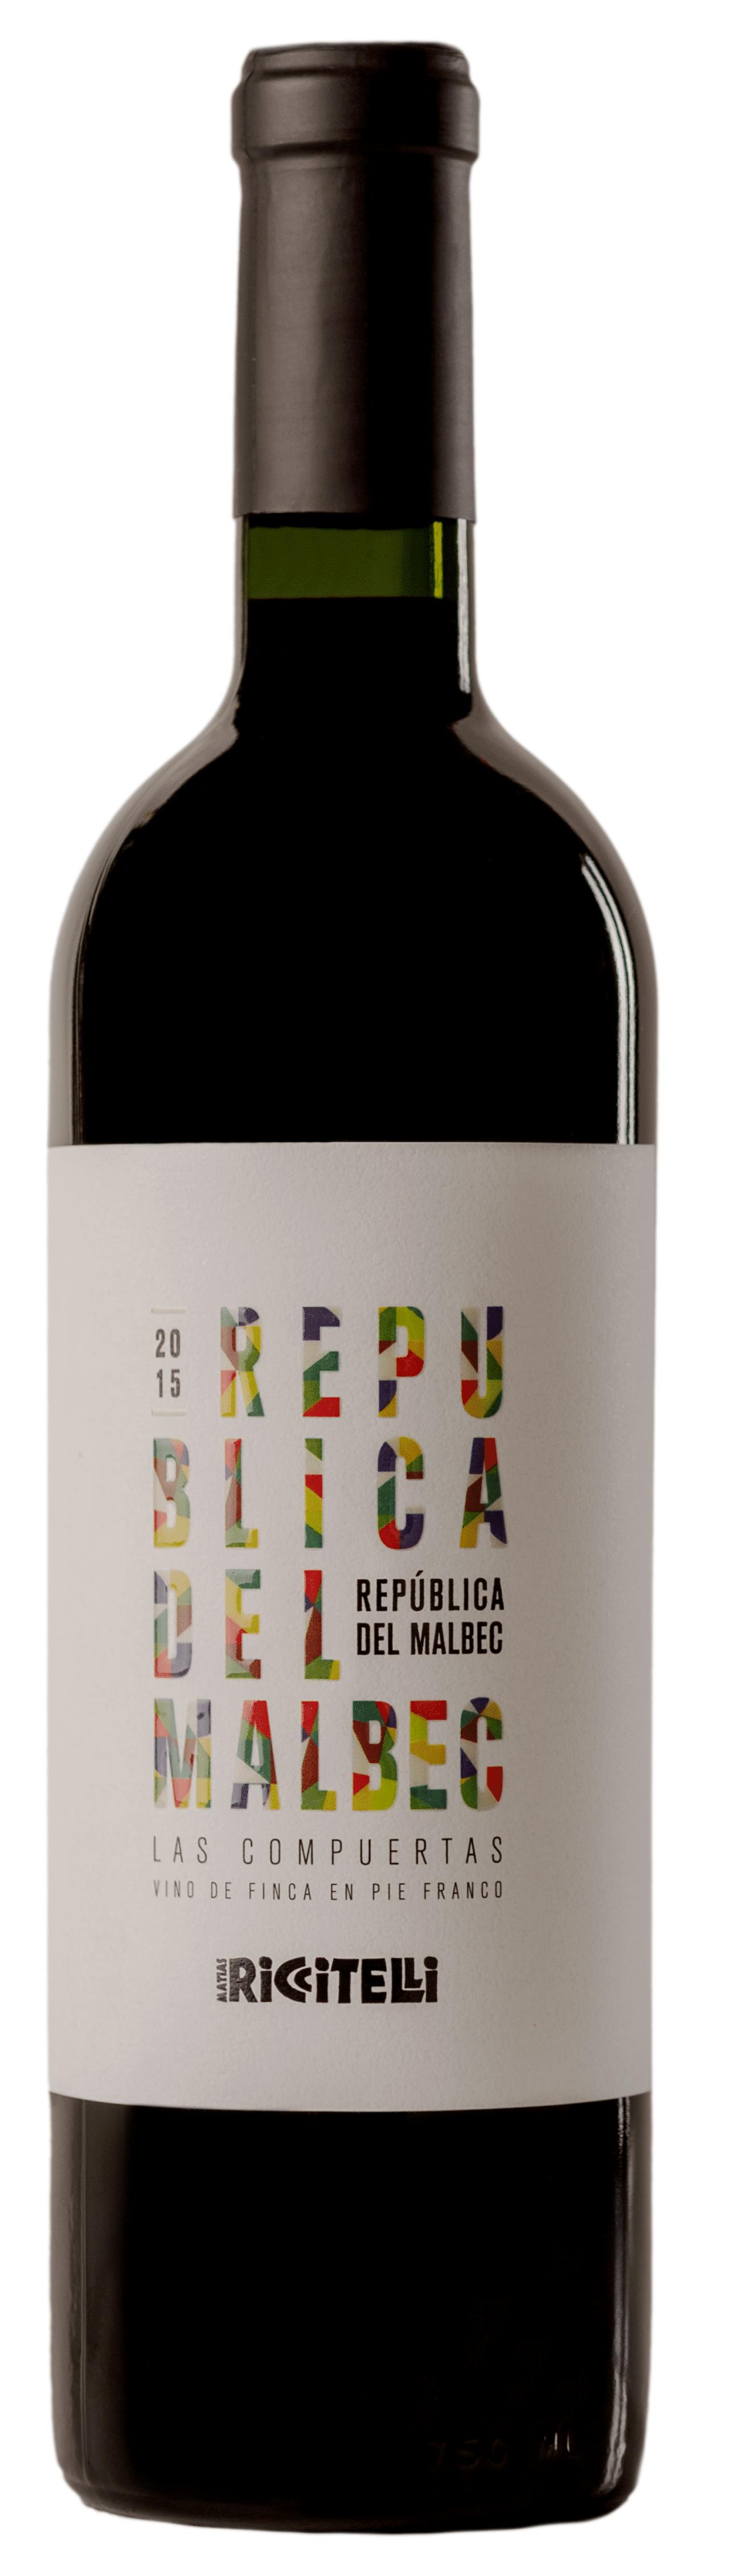 República del Malbec Las Compuertas 2015